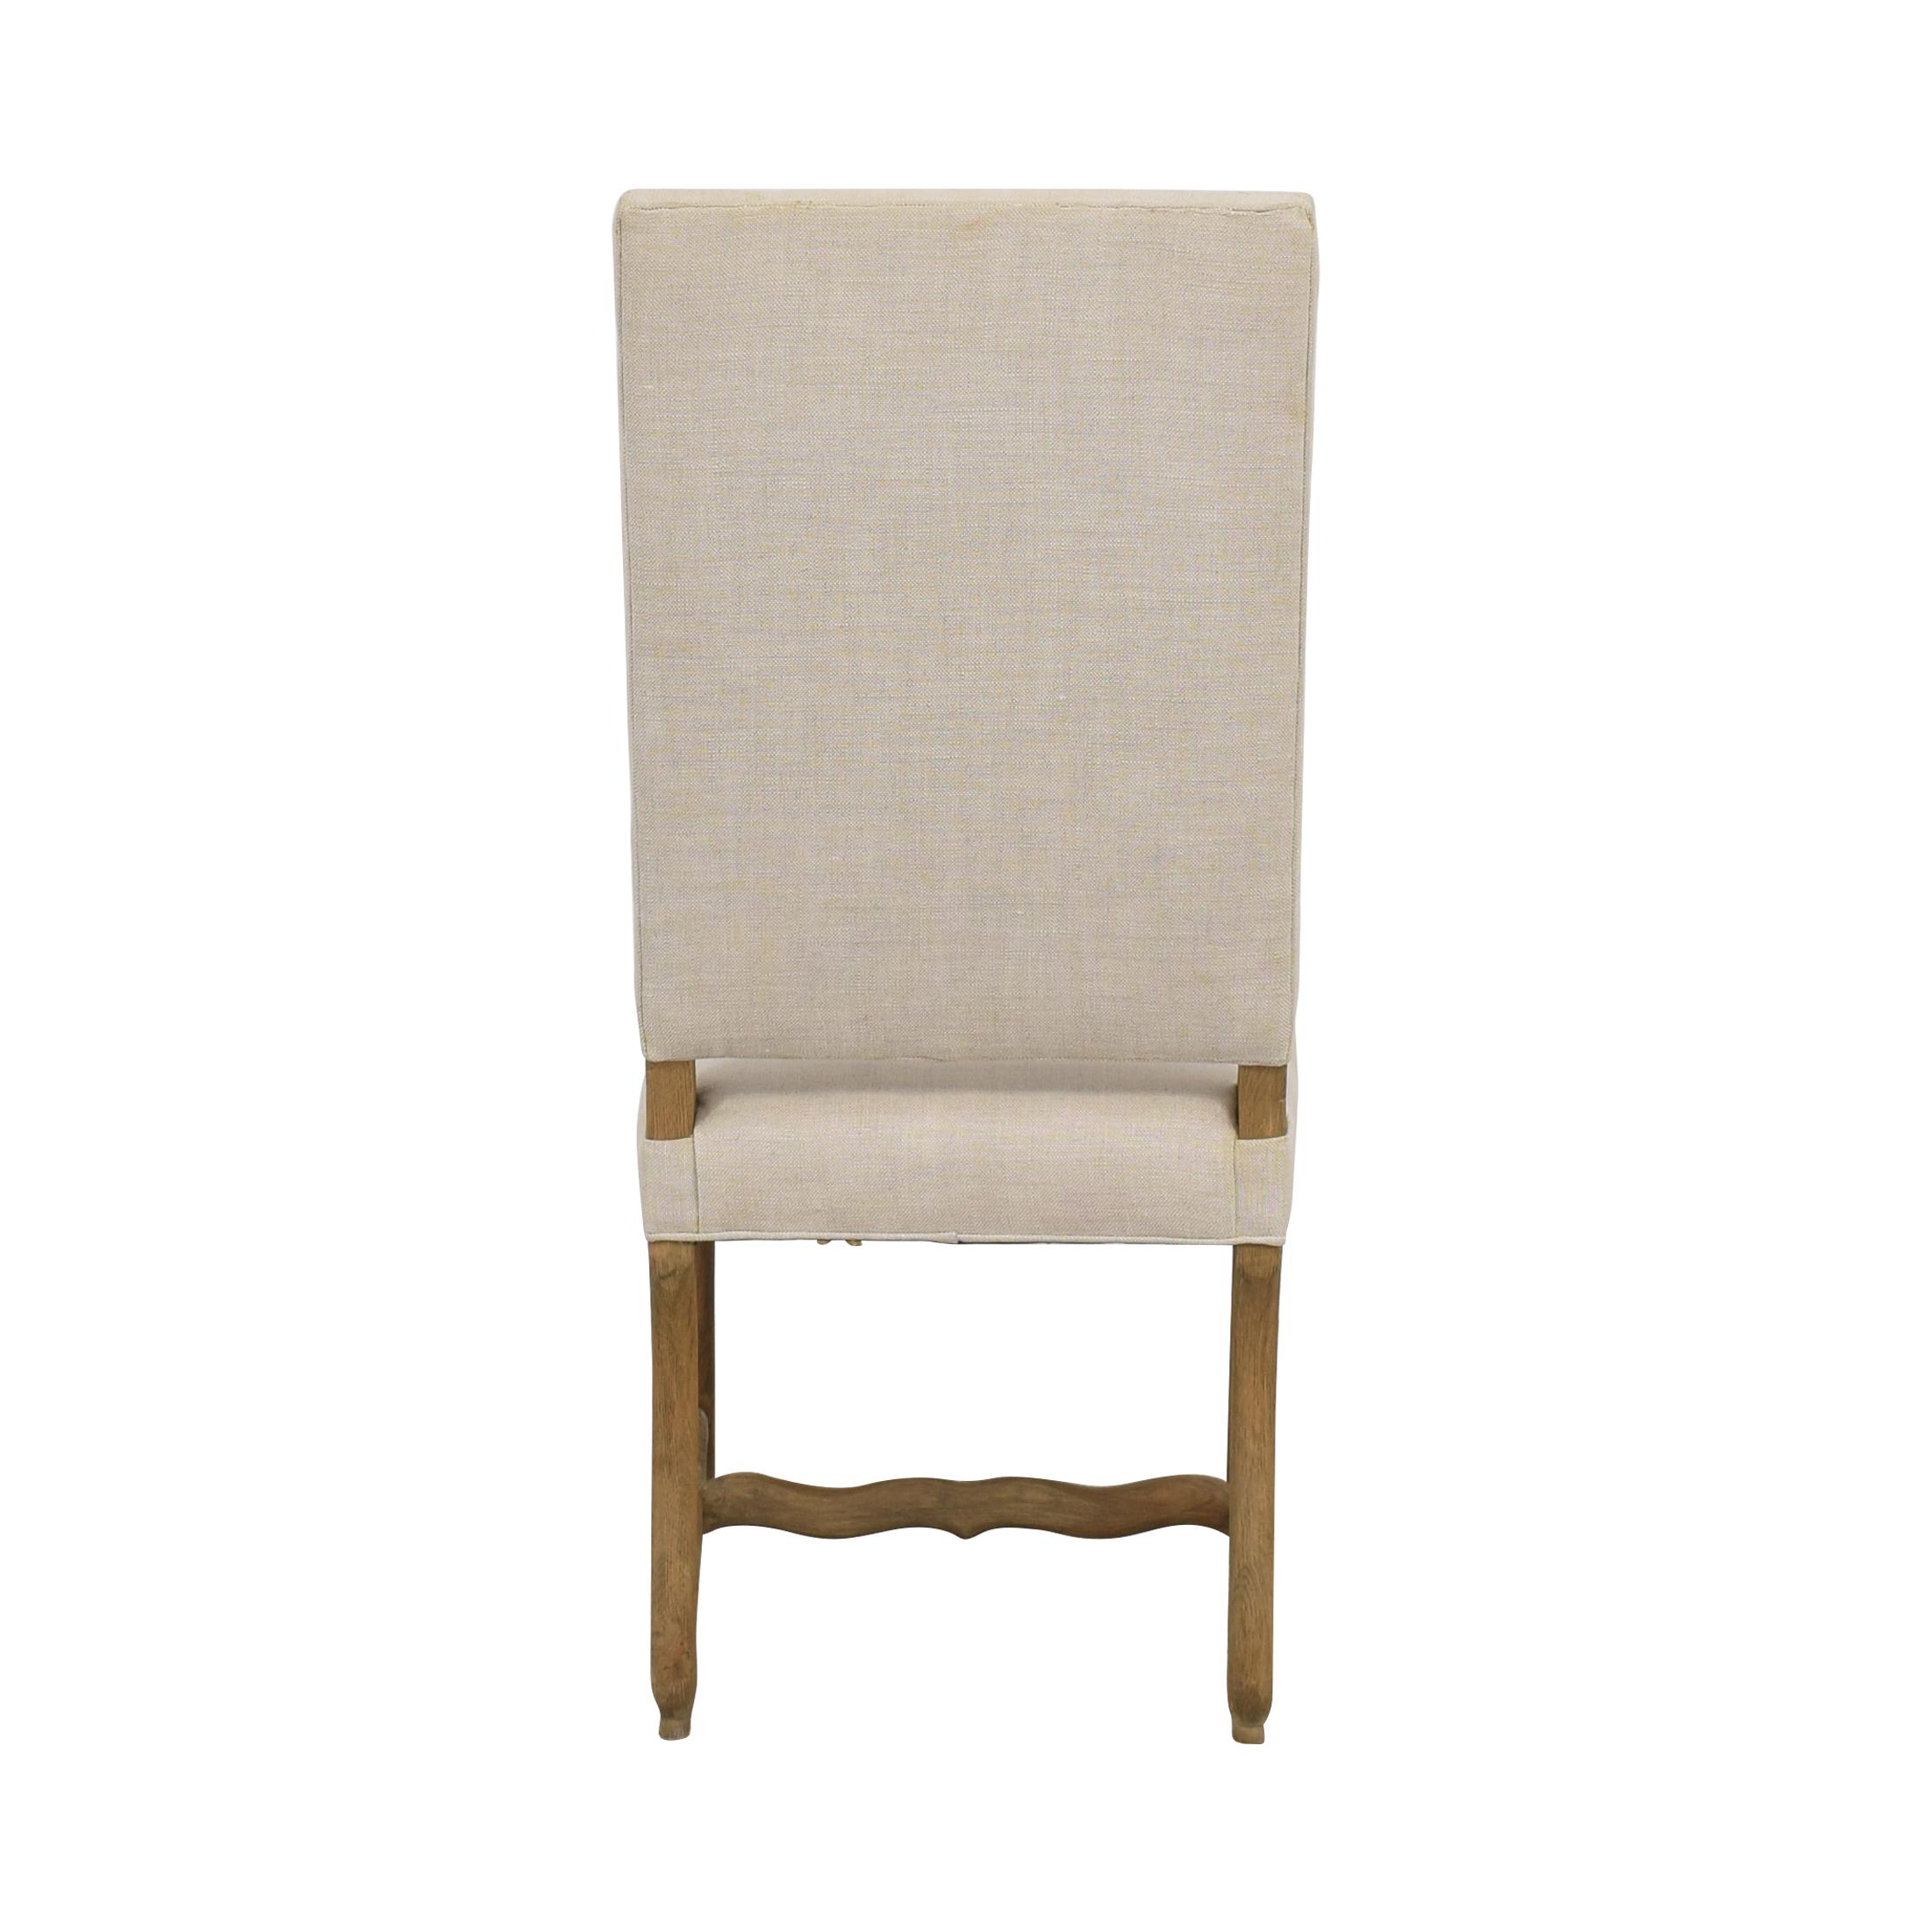 shop Restoration Hardware High Back Dining Chair Restoration Hardware Chairs